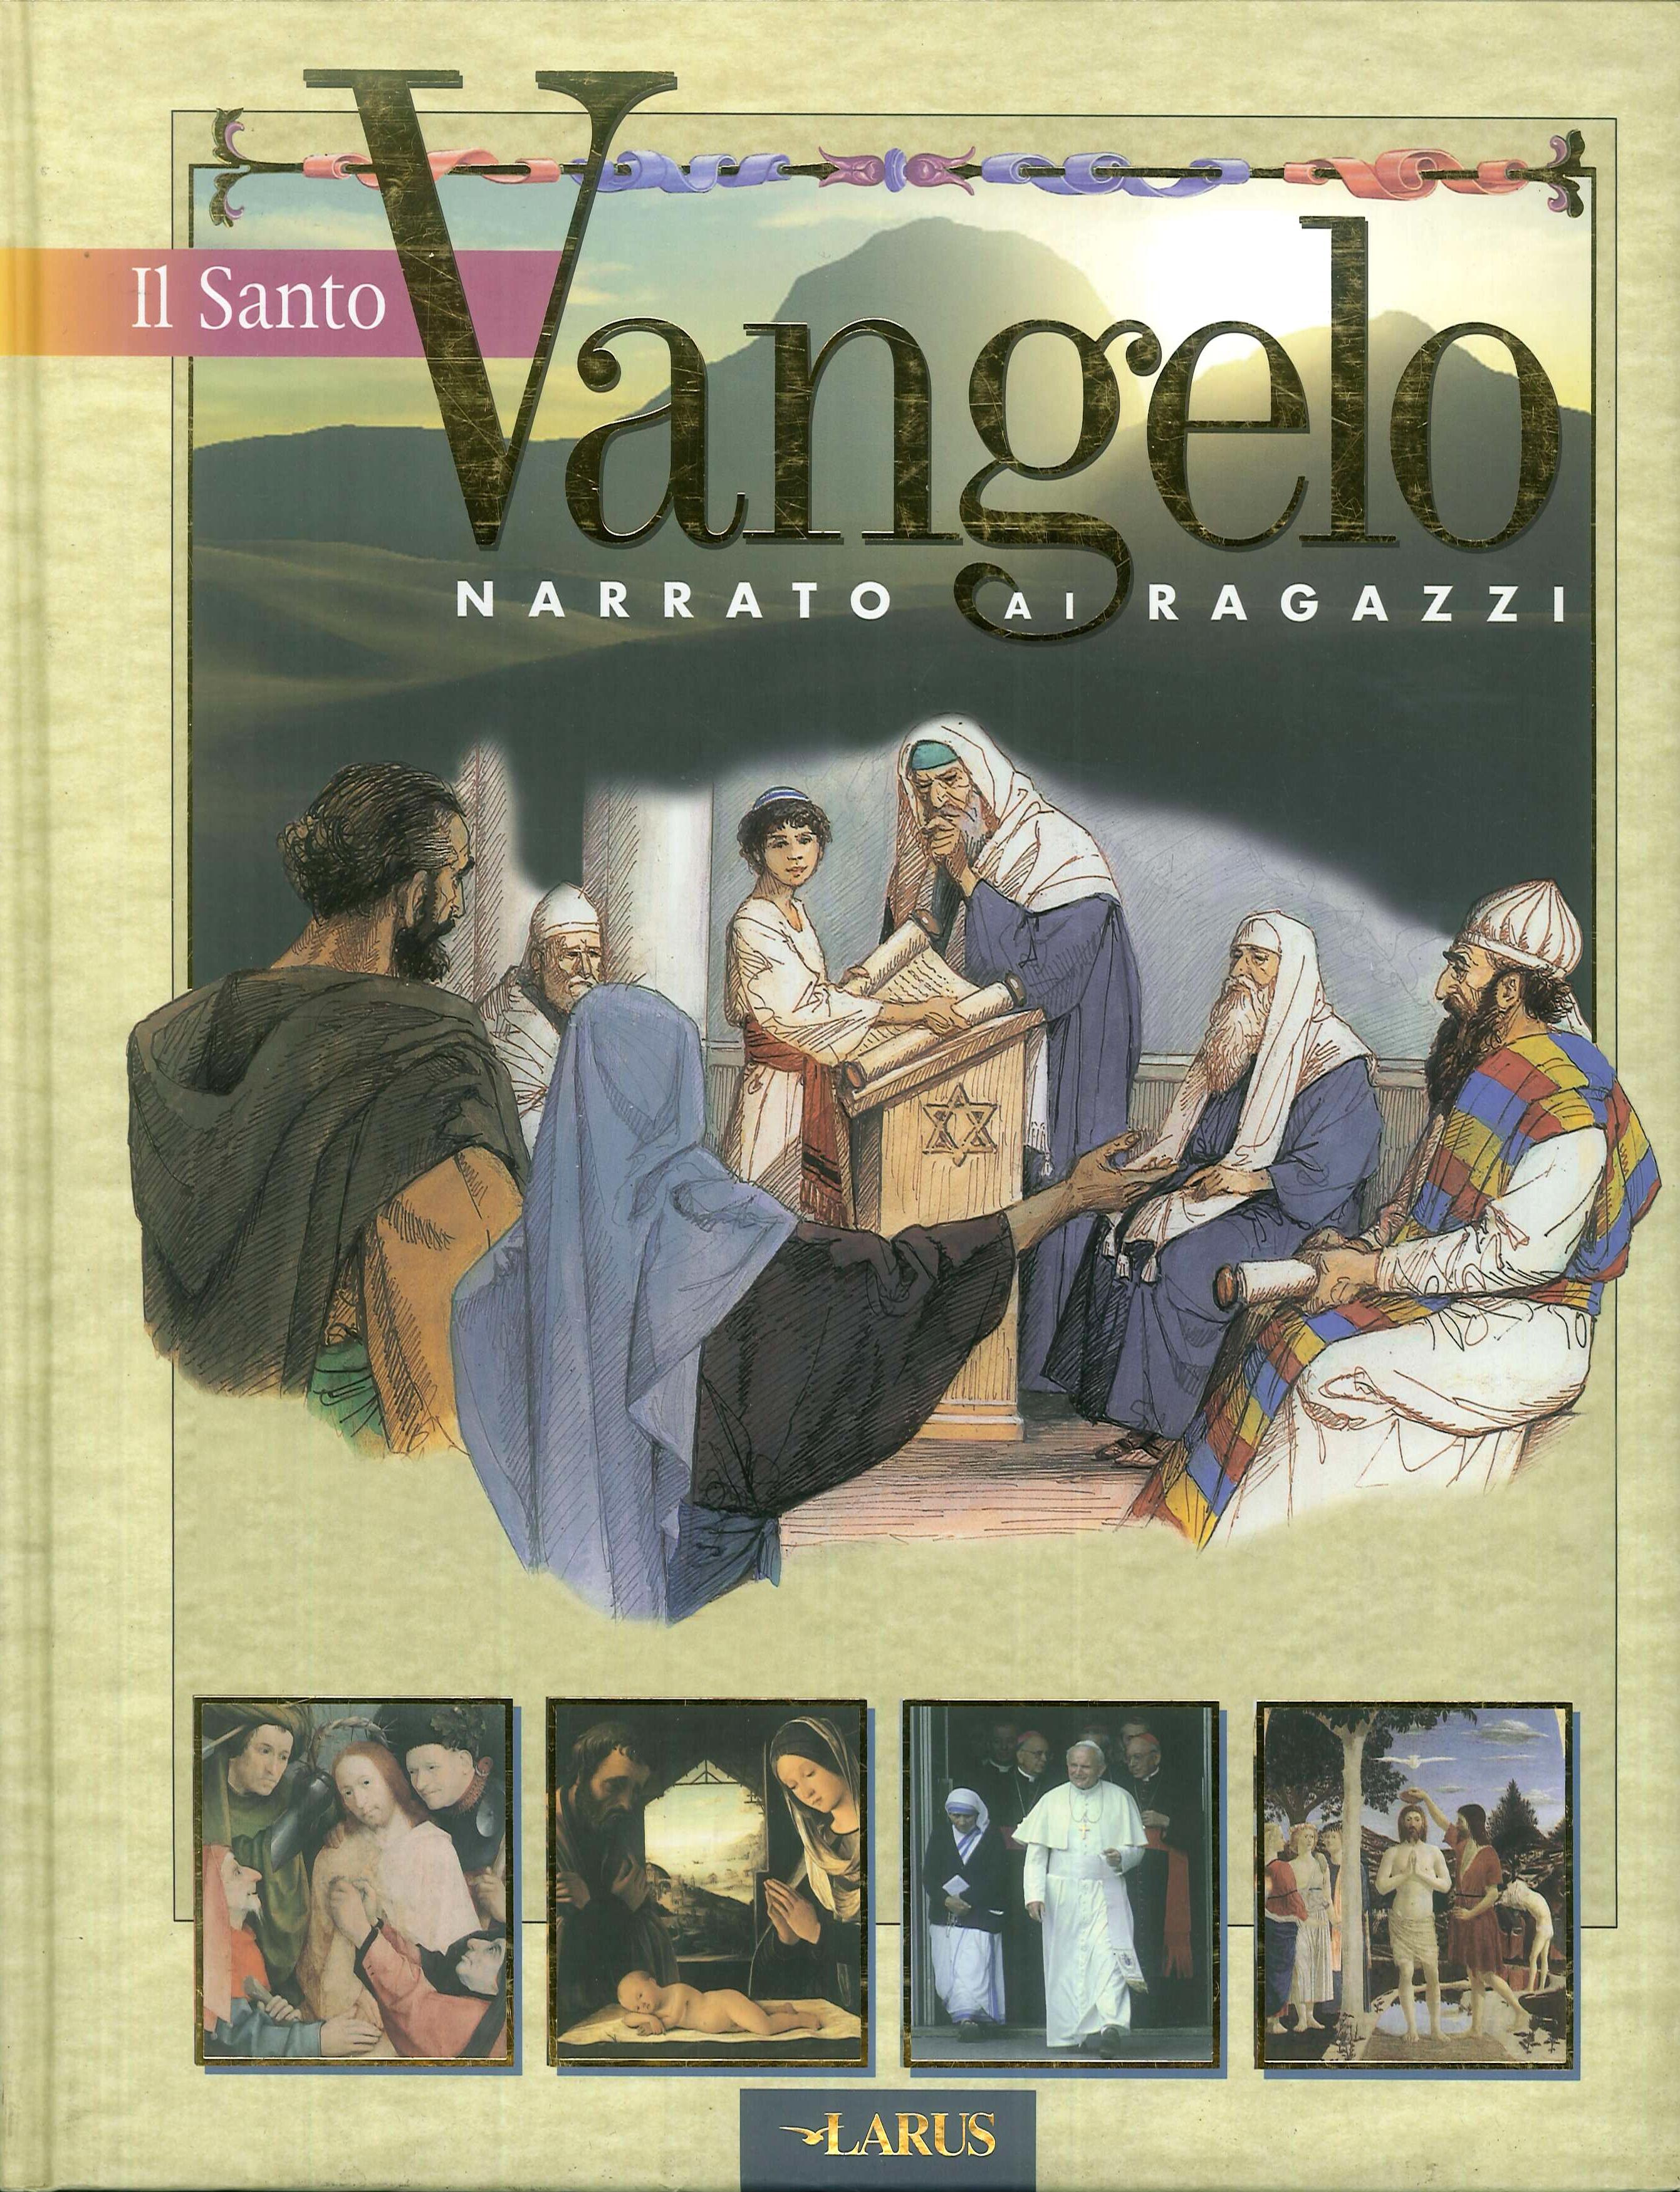 Il santo Vangelo narrato ai ragazzi